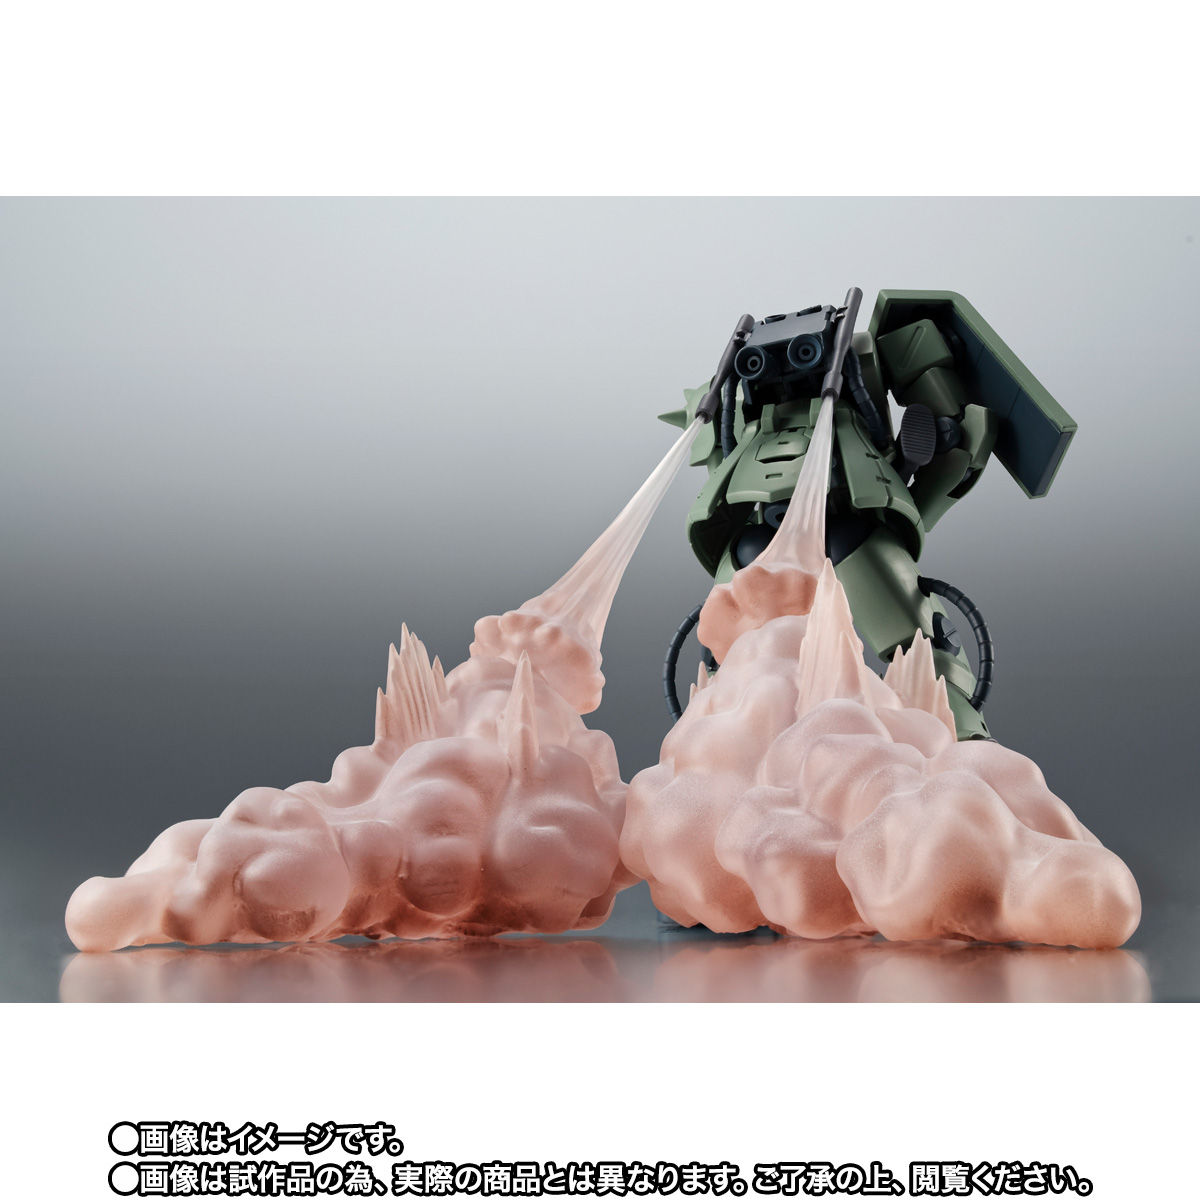 【限定販売】ROBOT魂〈SIDE MS〉『MS-06F-2 ザクII F2型(ノイエン・ビッター)ver. A.N.I.M.E.』ガンダム0083 可動フィギュア-009